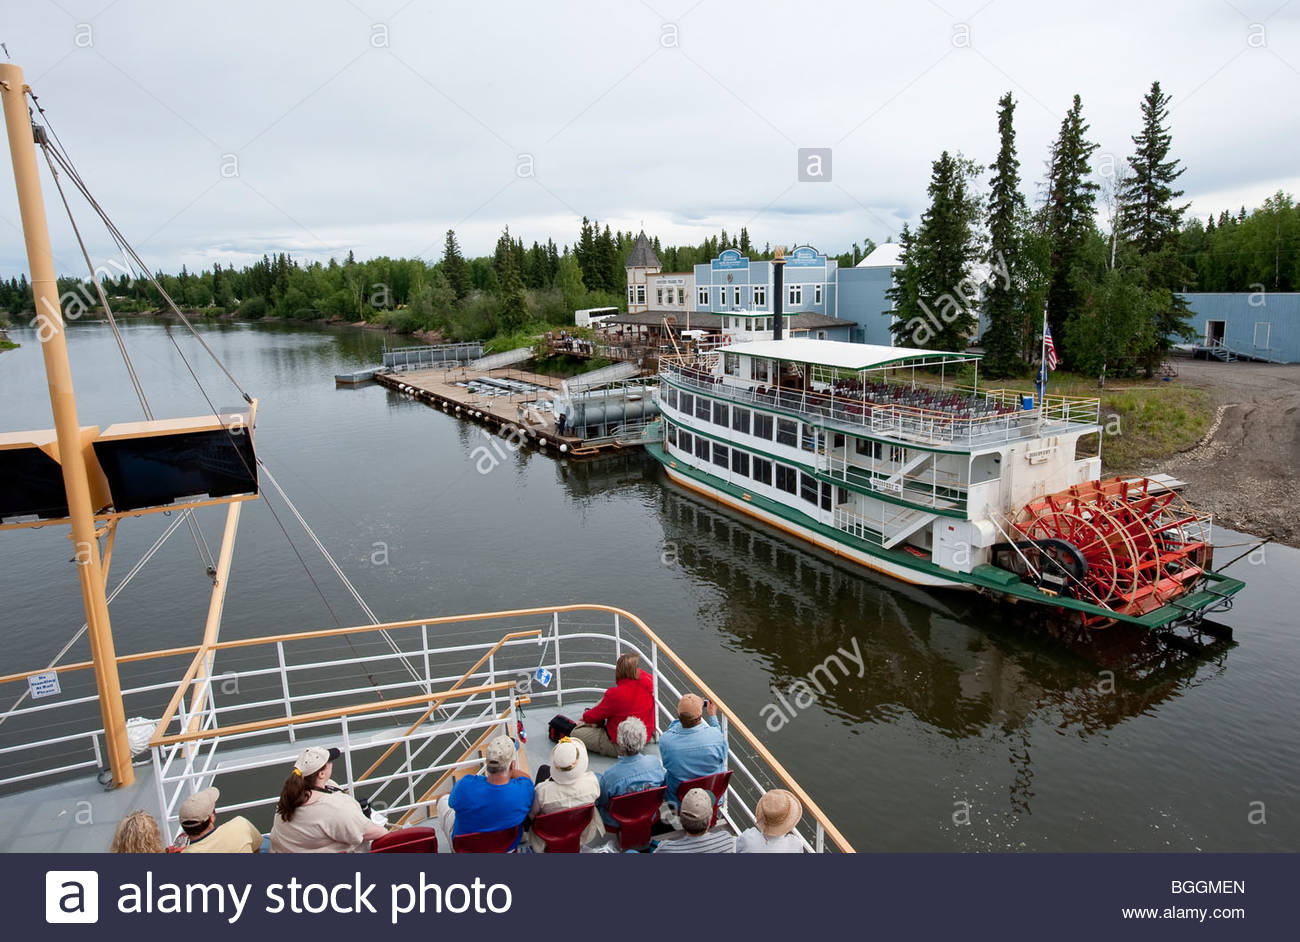 Alaska, Fairbanks. Le Riverboat Discovery tour à aubes le long de la rivière Chena touristes donne un Photo Stock